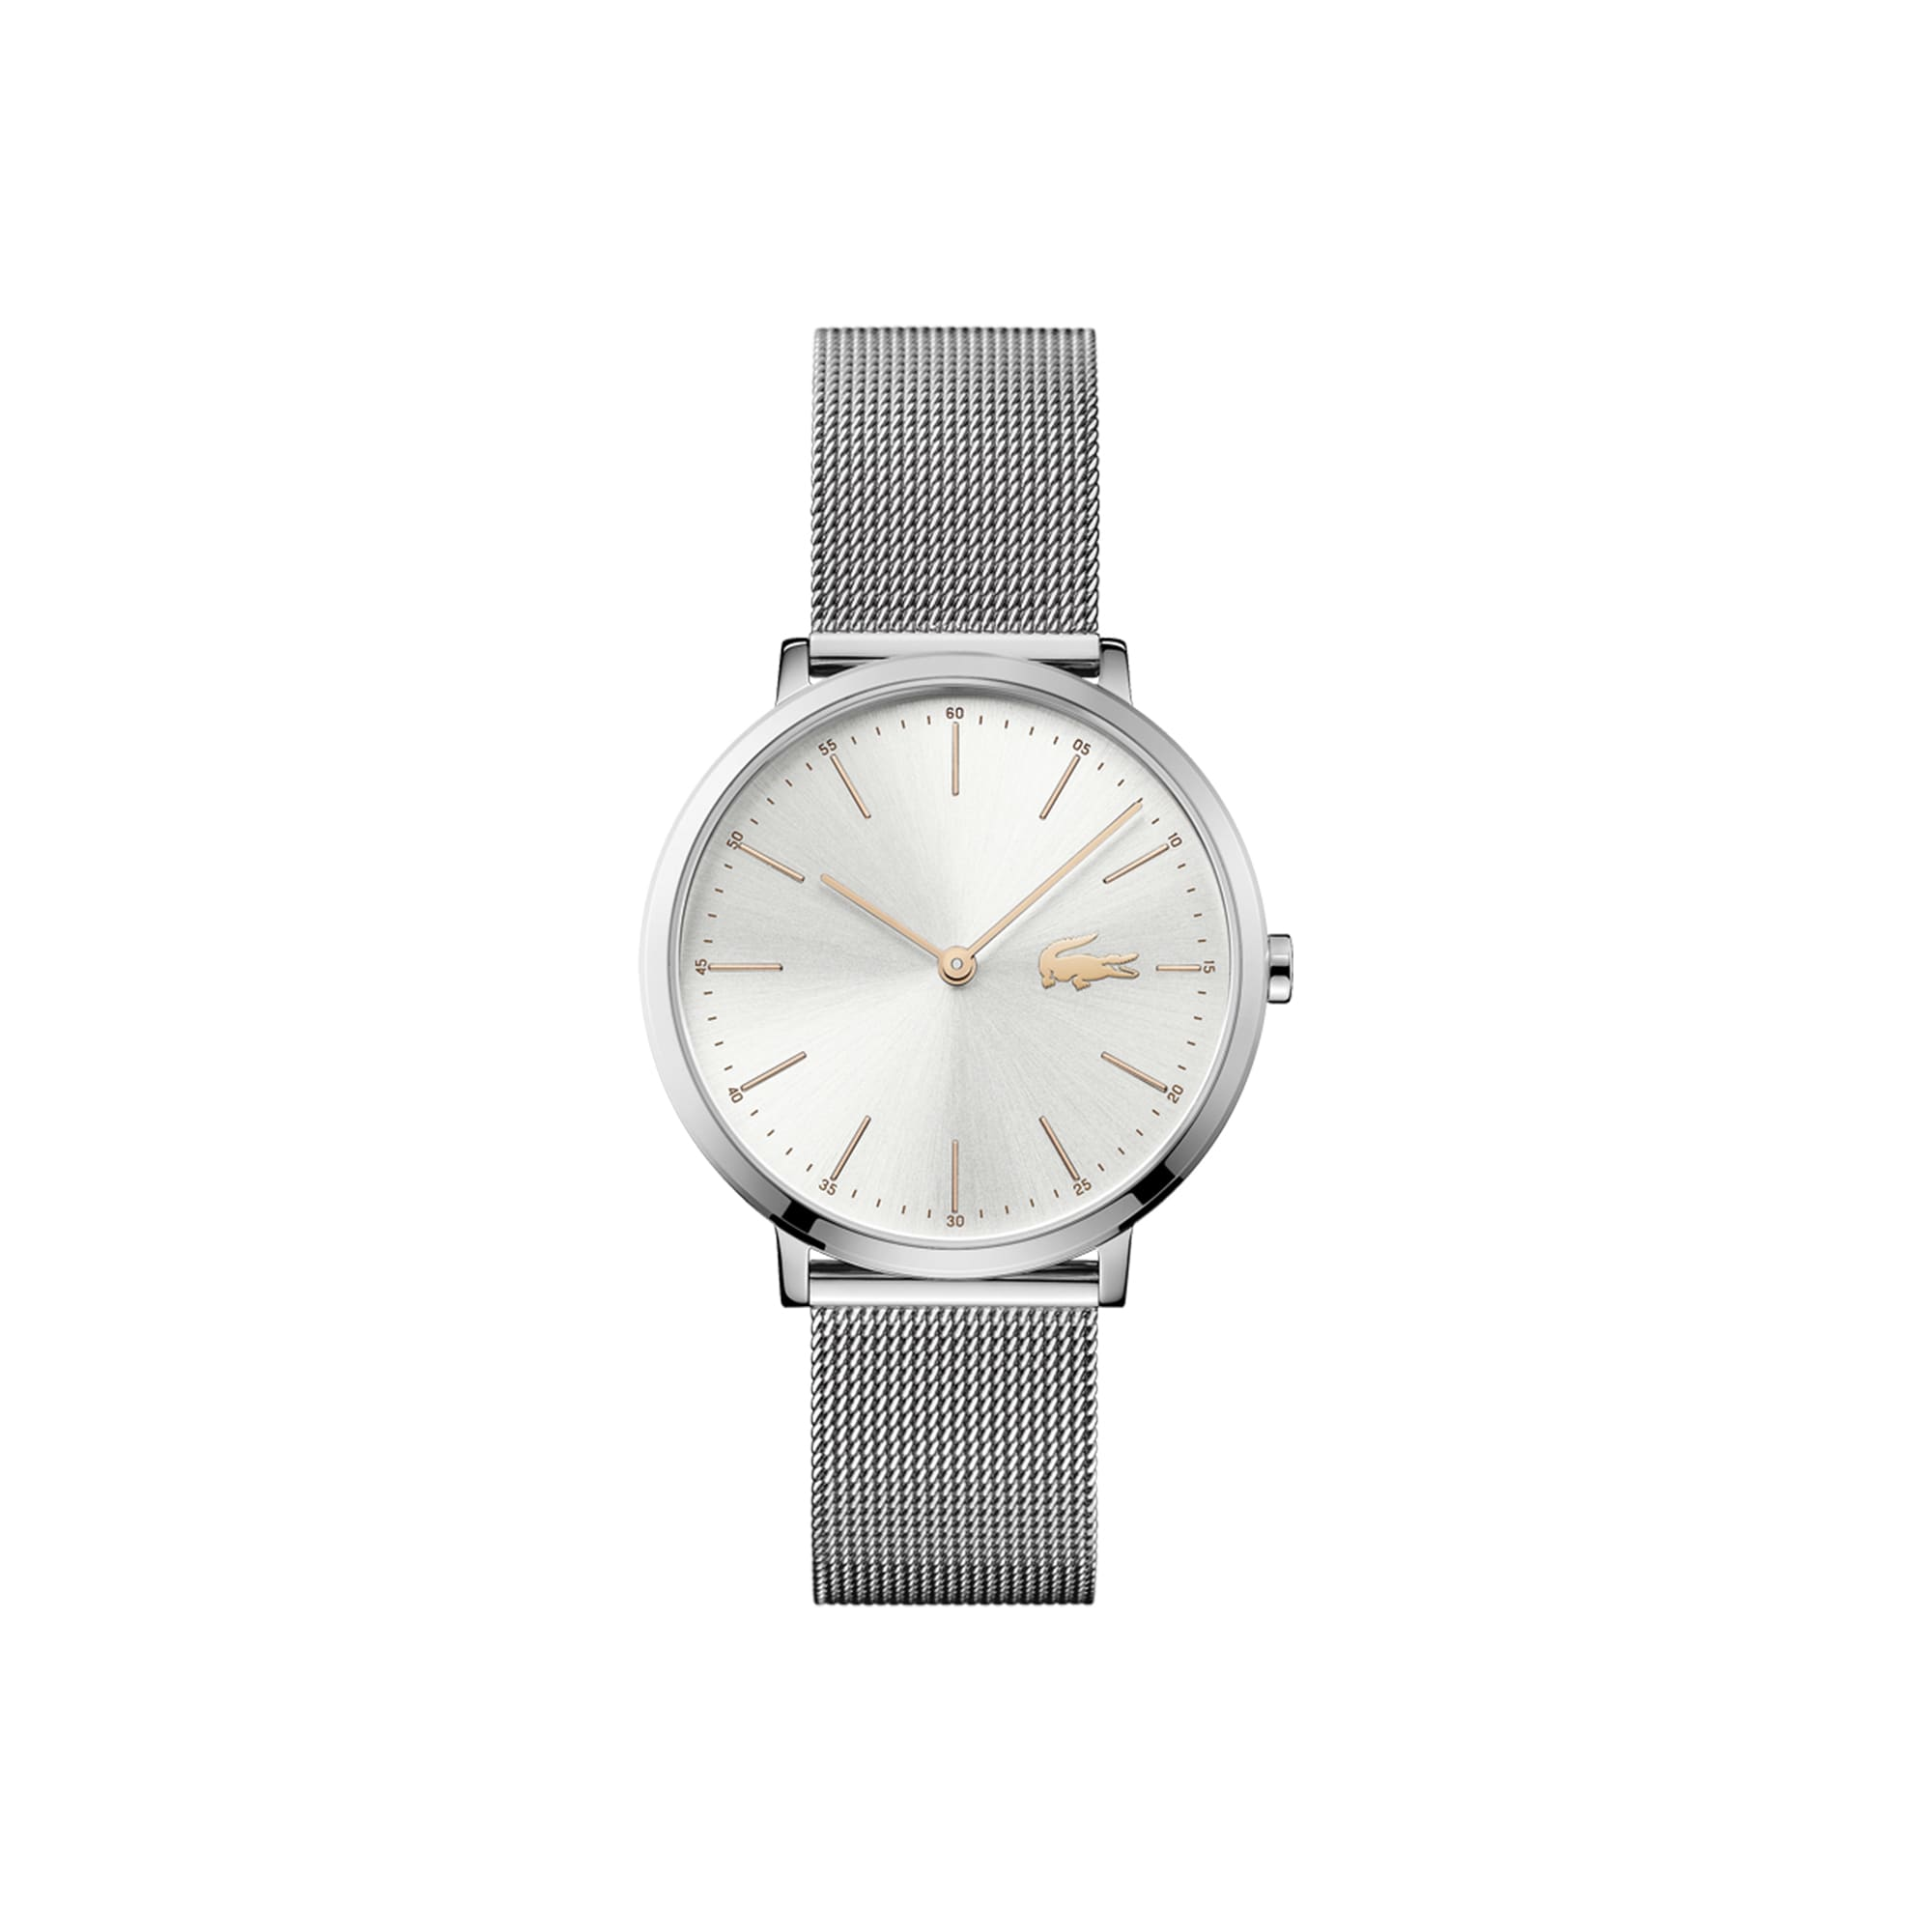 Relógio ultra slim Moon de mulher com bracelete de rede de aço inoxidável